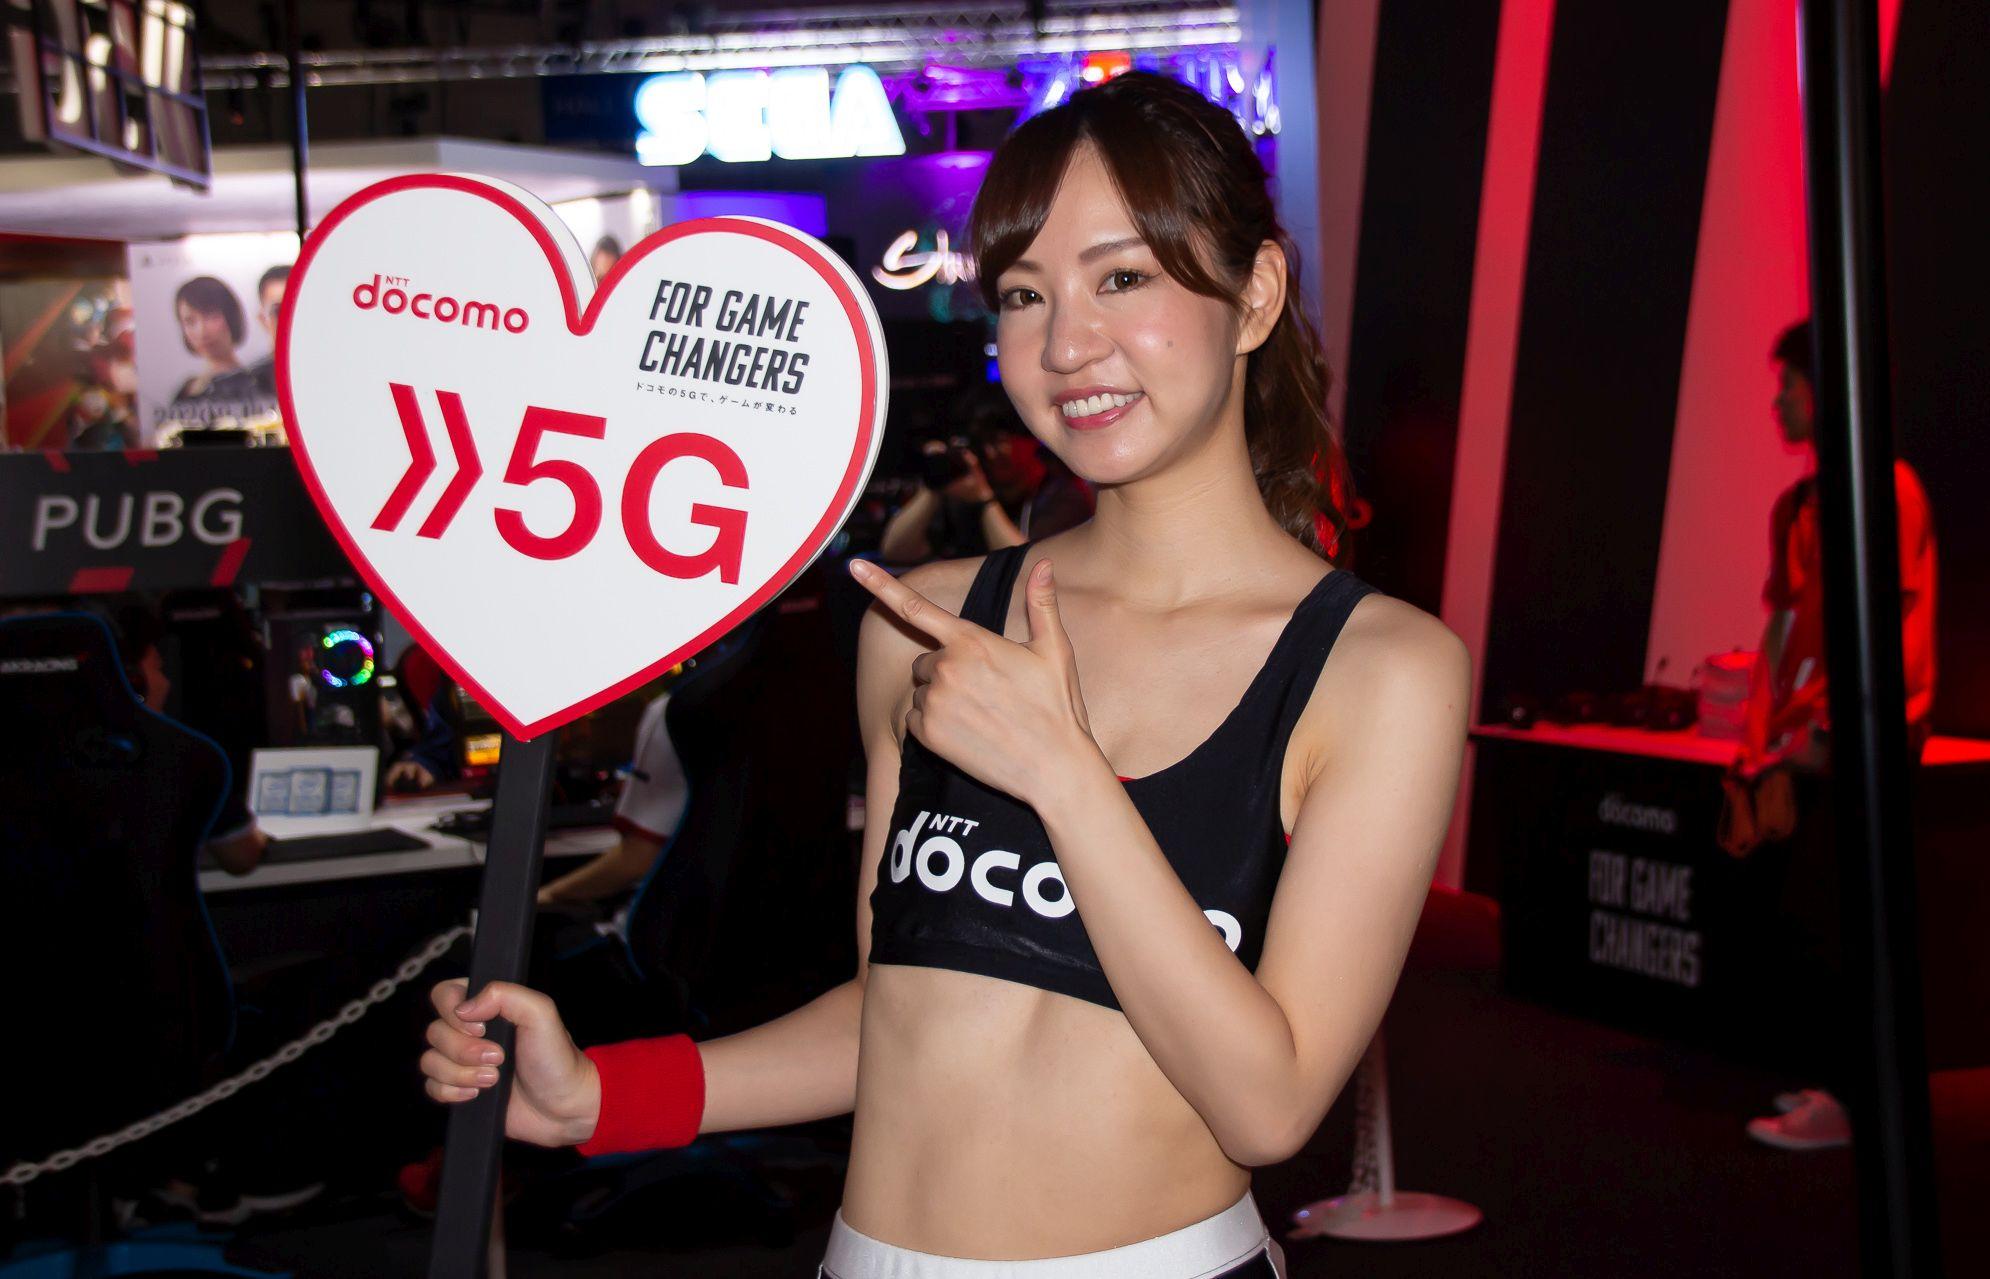 東京ゲームショウ2019 コンパニオンさん写真まとめ(docomo) #TGS2019